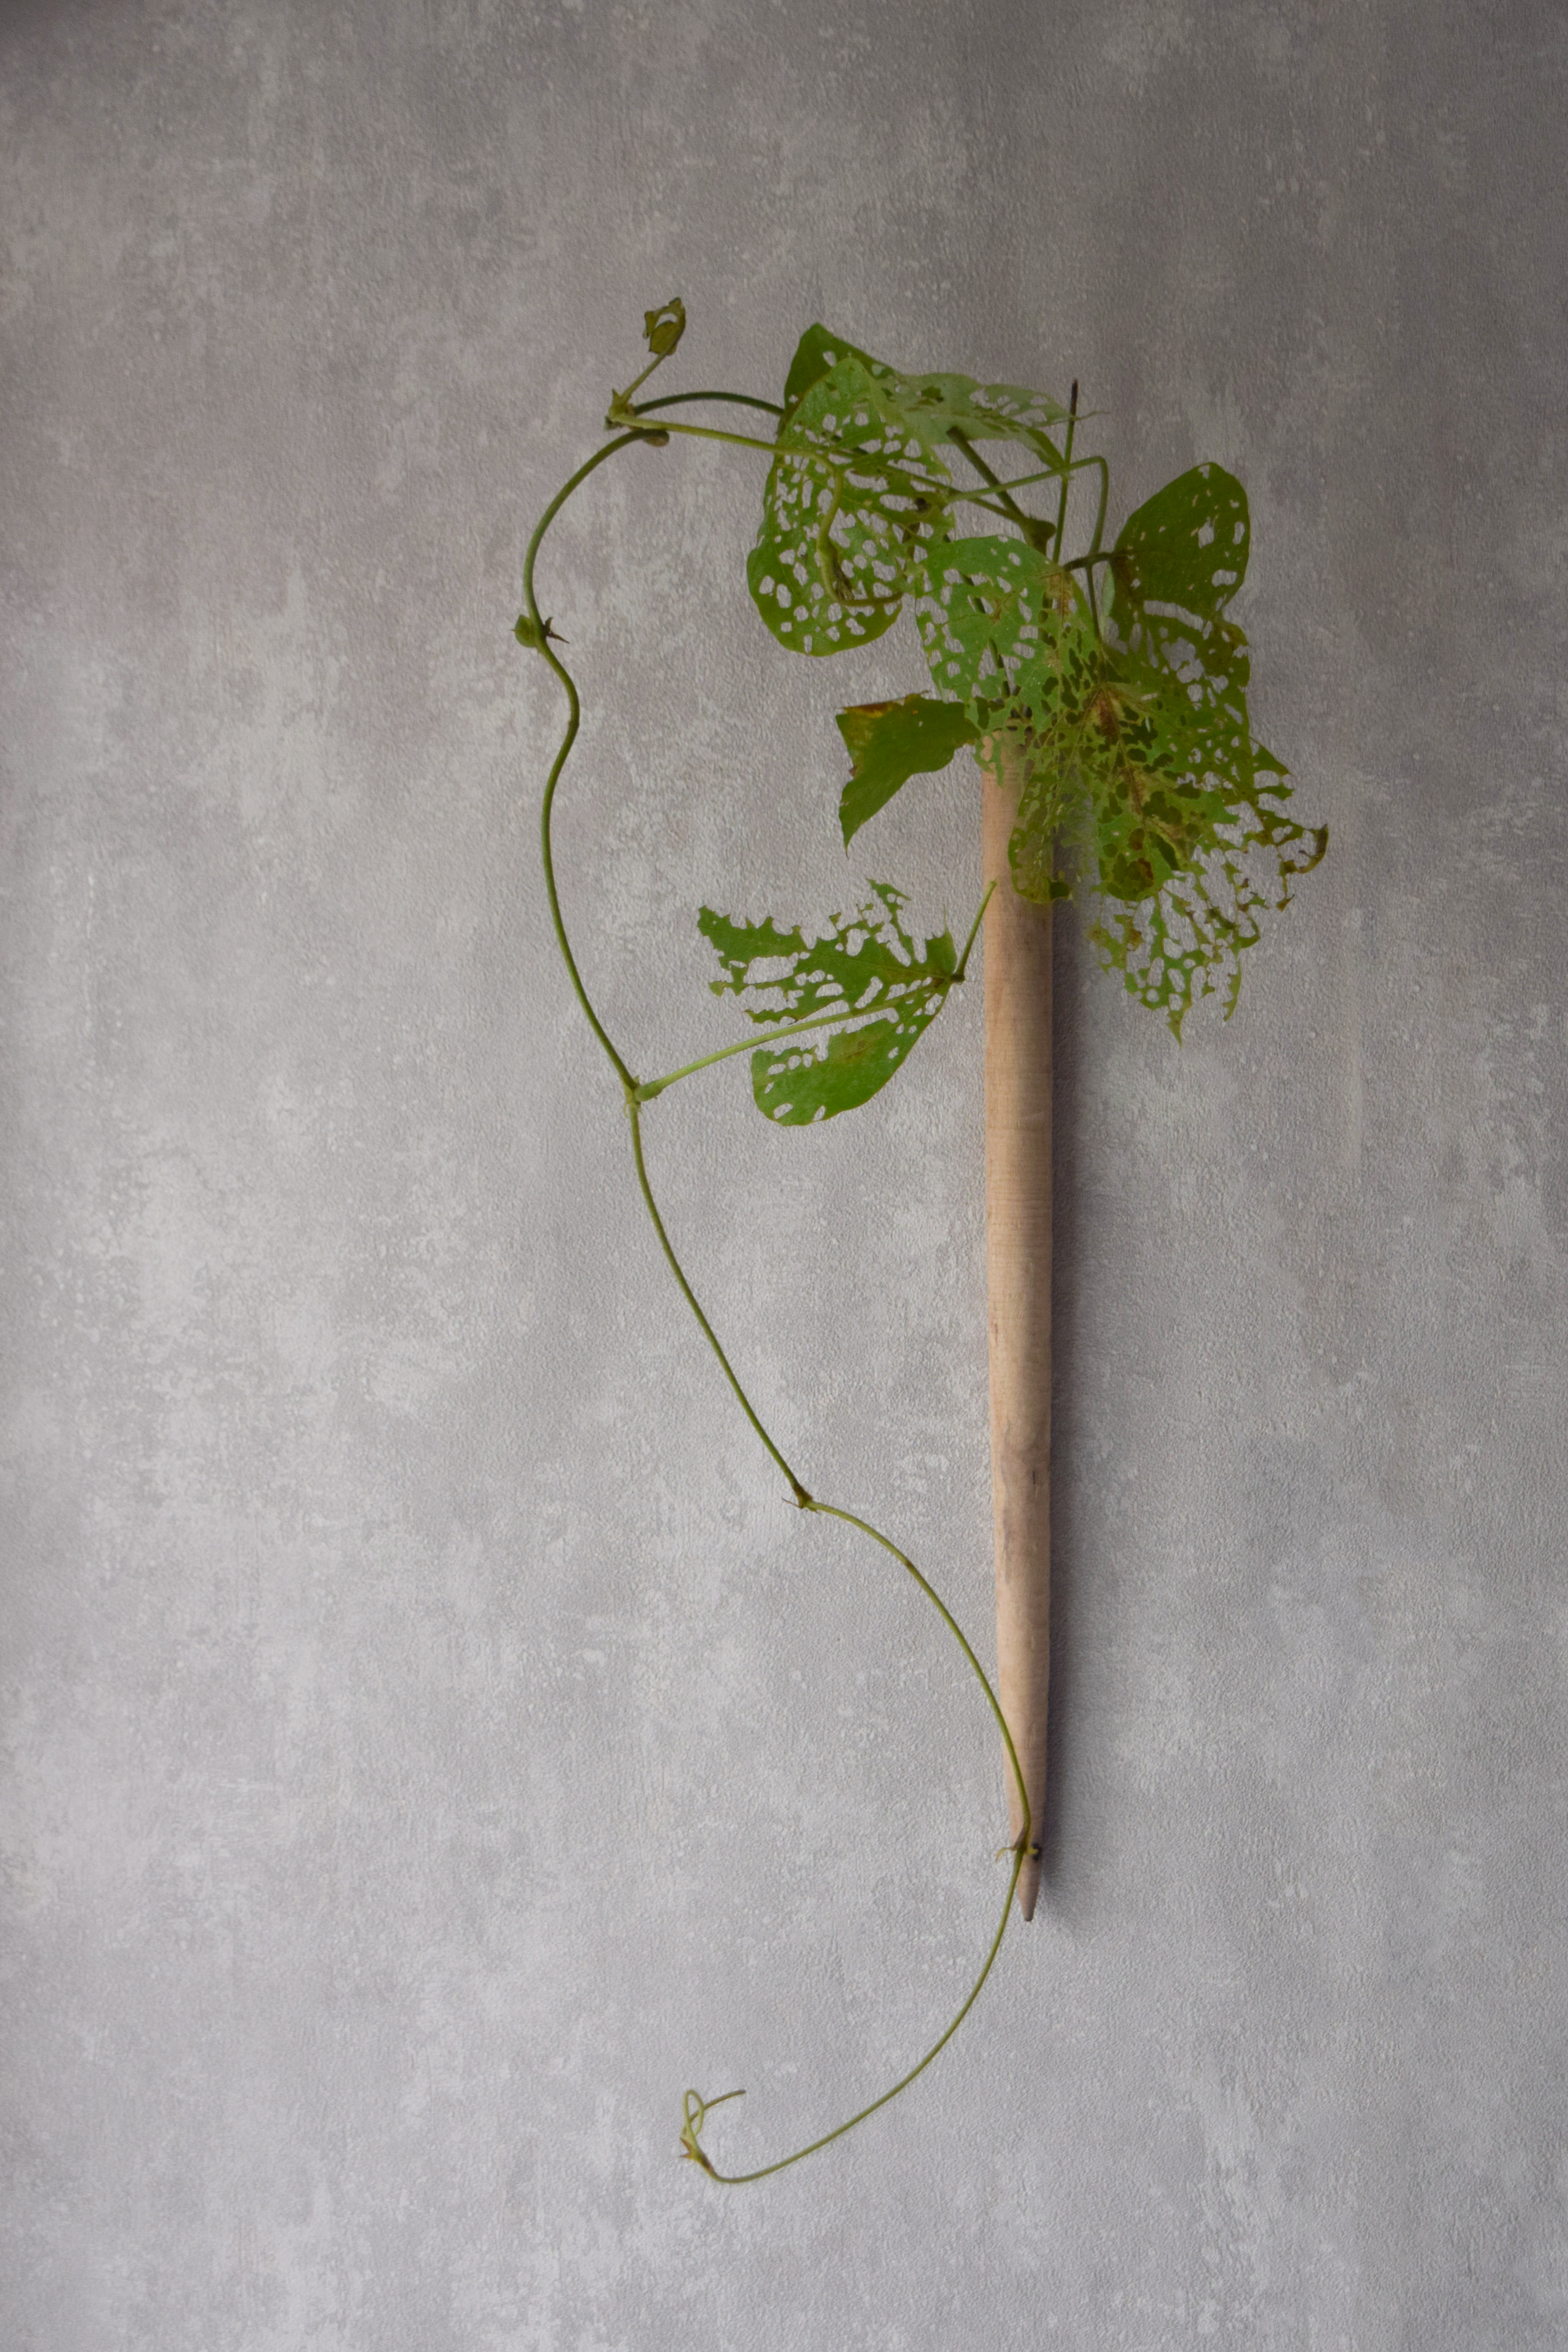 烏山結貴、ca-koのウェブサイトです。四季折々の道草。心にとまった身近な草花を、小さな発見を楽しみながら出会った器に合わせています。抛入花の写真です。葛を入れました。